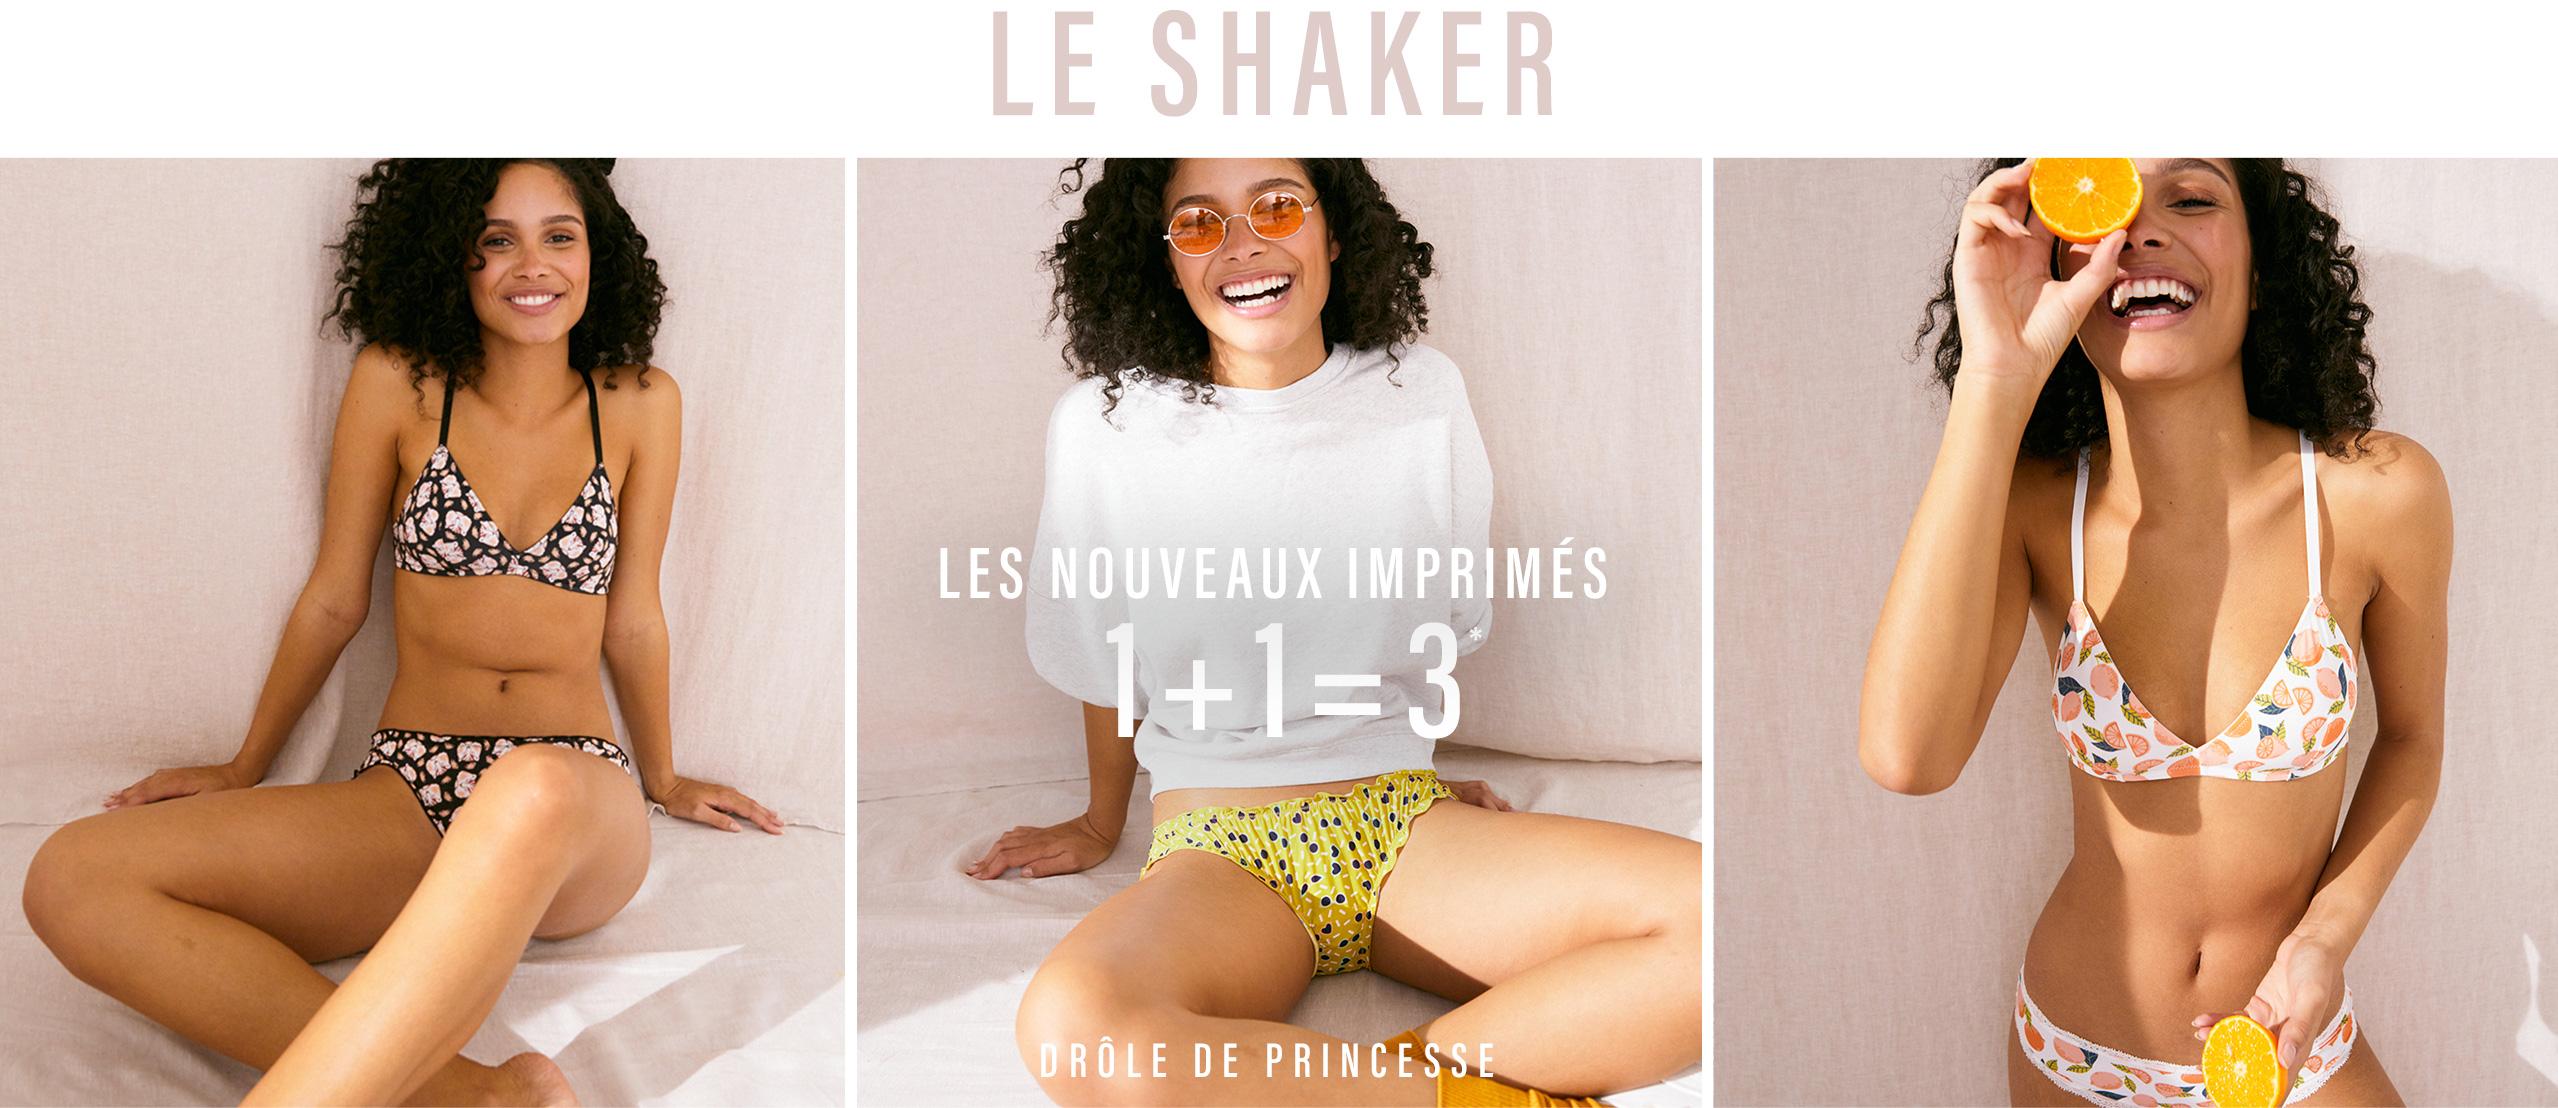 Le shaker des princesses : 1+1=3*